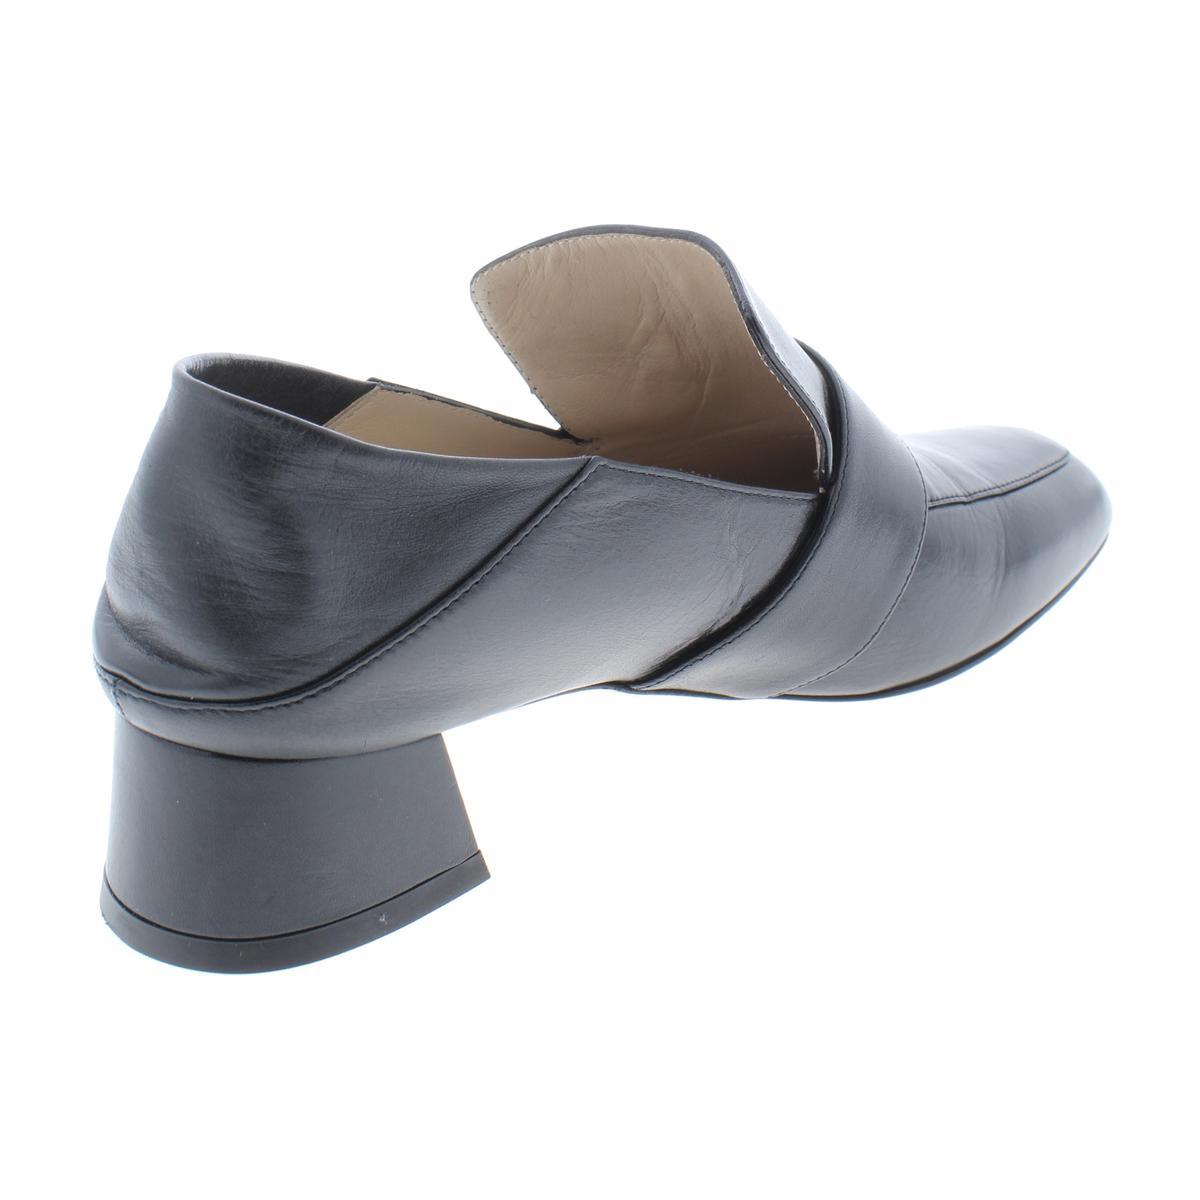 Stuart Weitzman damen damen damen Irises Leather ConGrünible Loafer Heels schuhe BHFO 8125 18c2c6